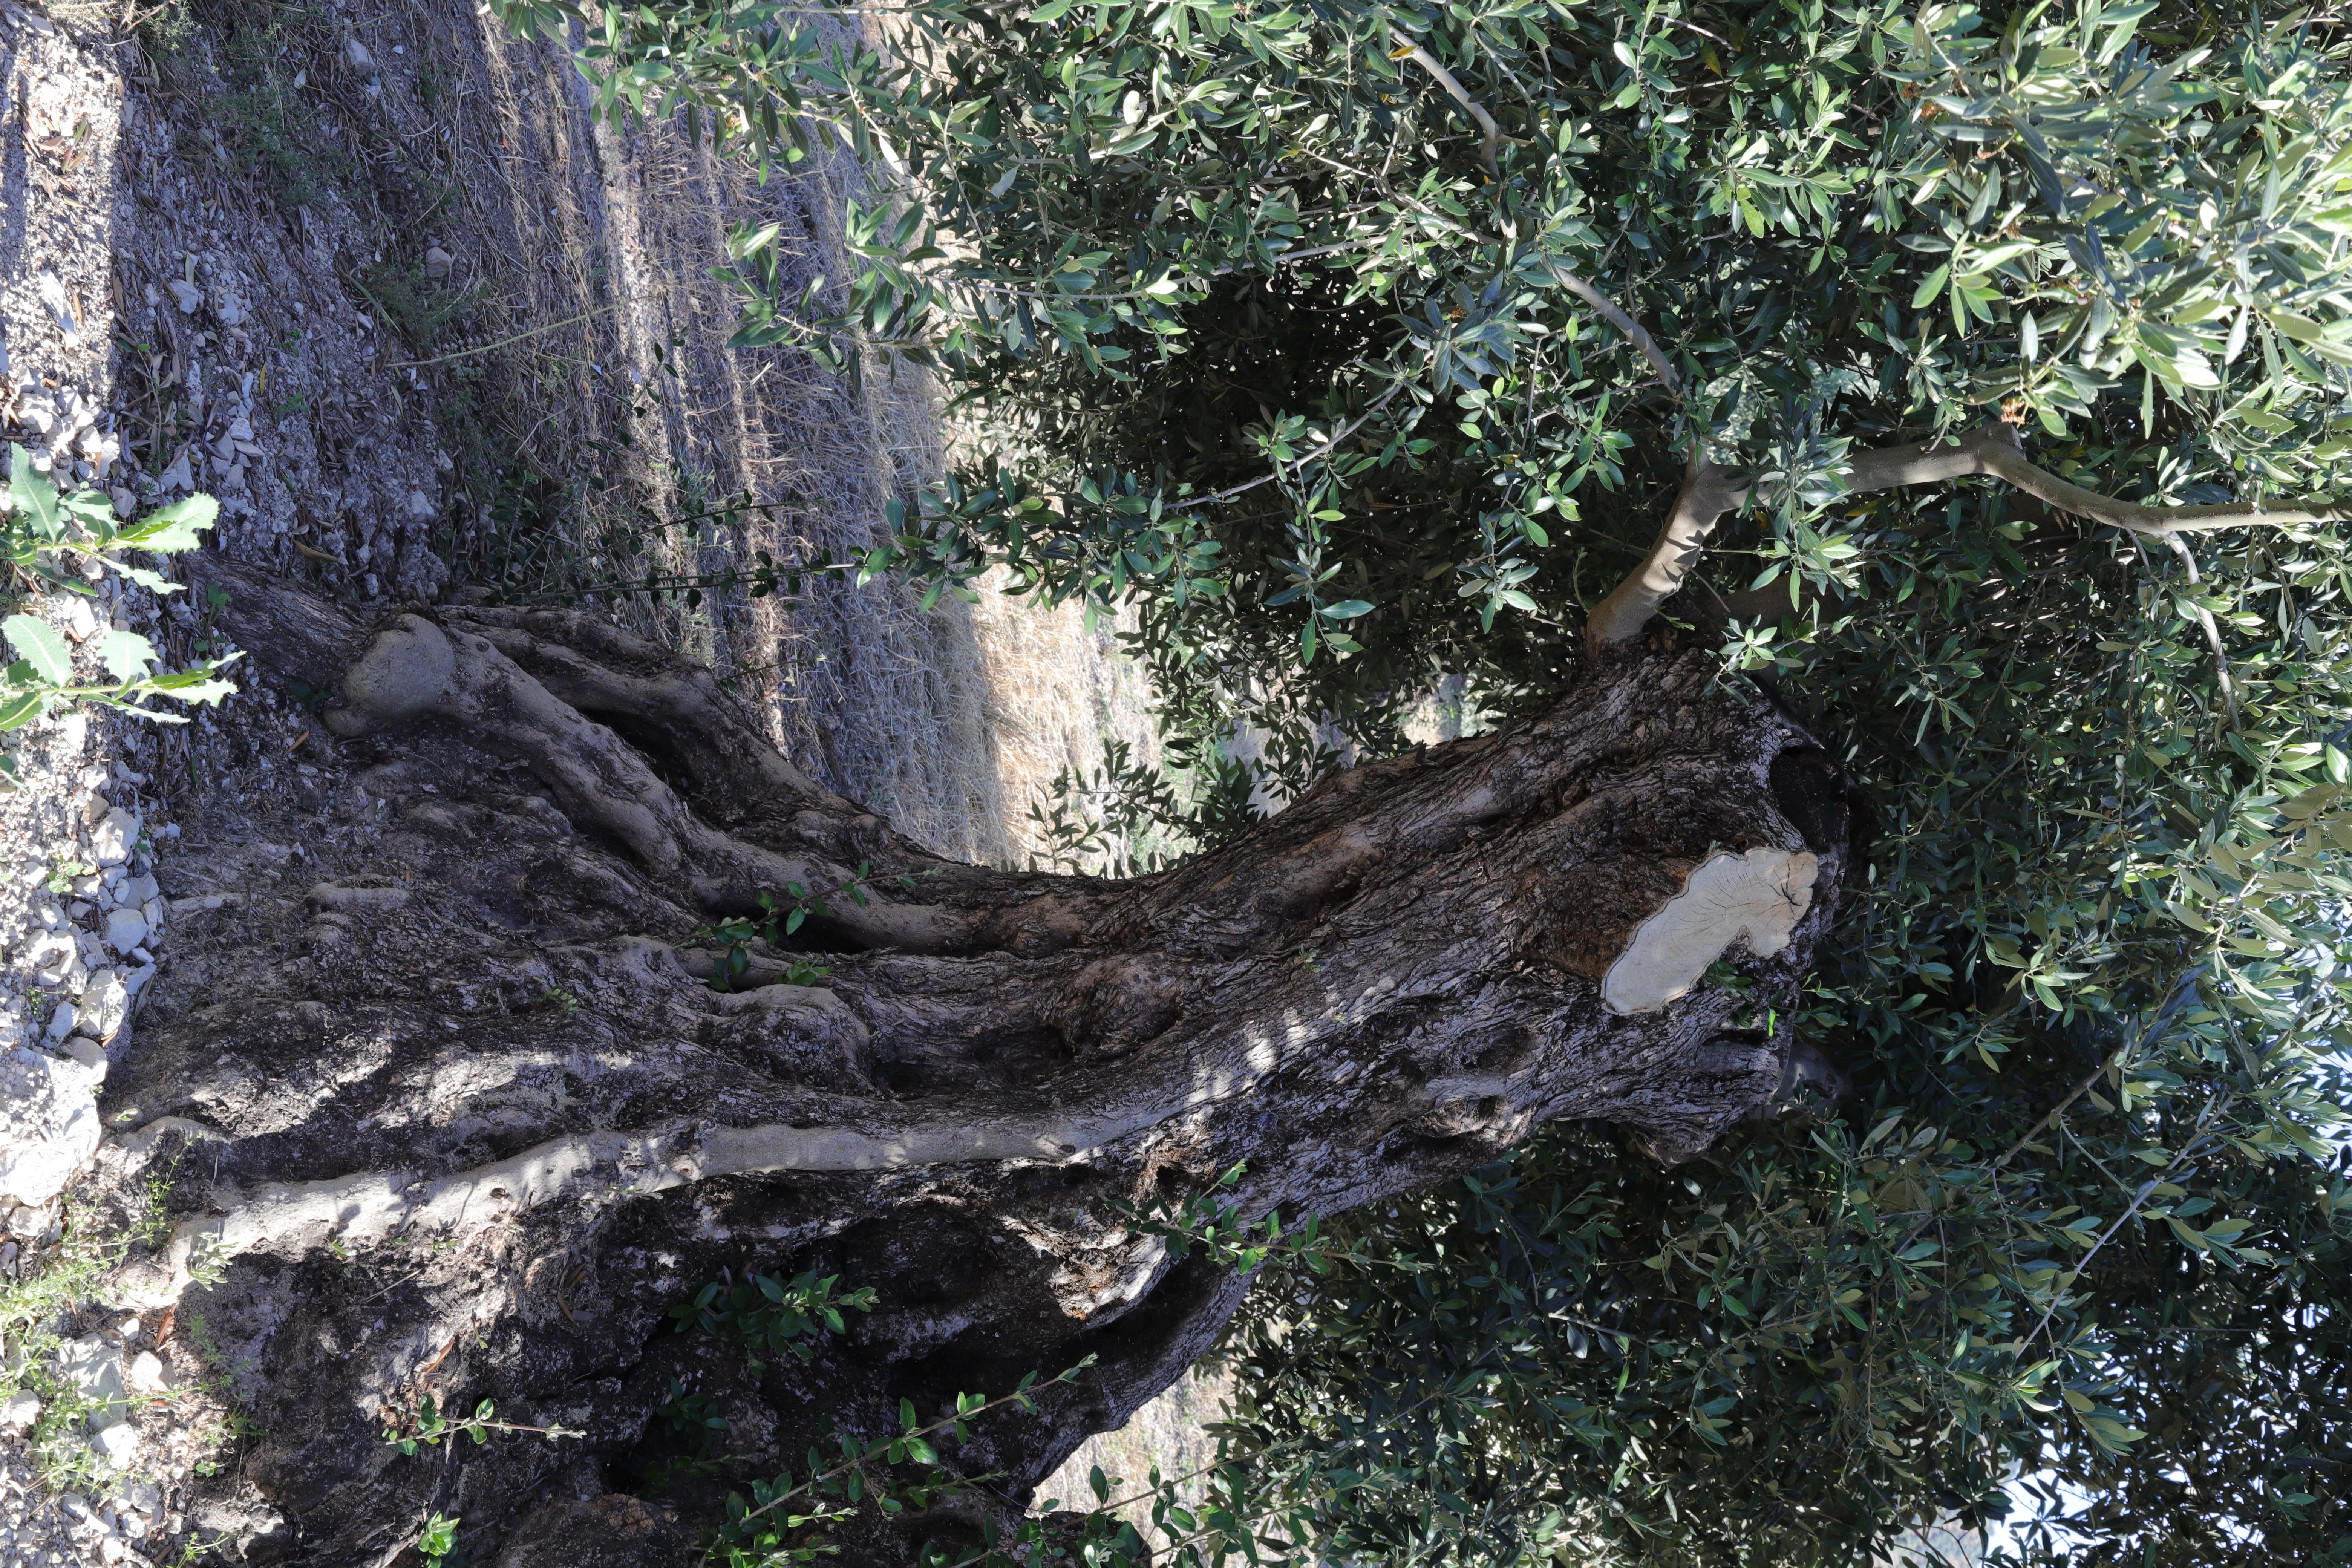 Olivo viejo de la joyadel monte, como se aprecio, el tronco es viejo y el olivo en este caso es de la variedad picudo.